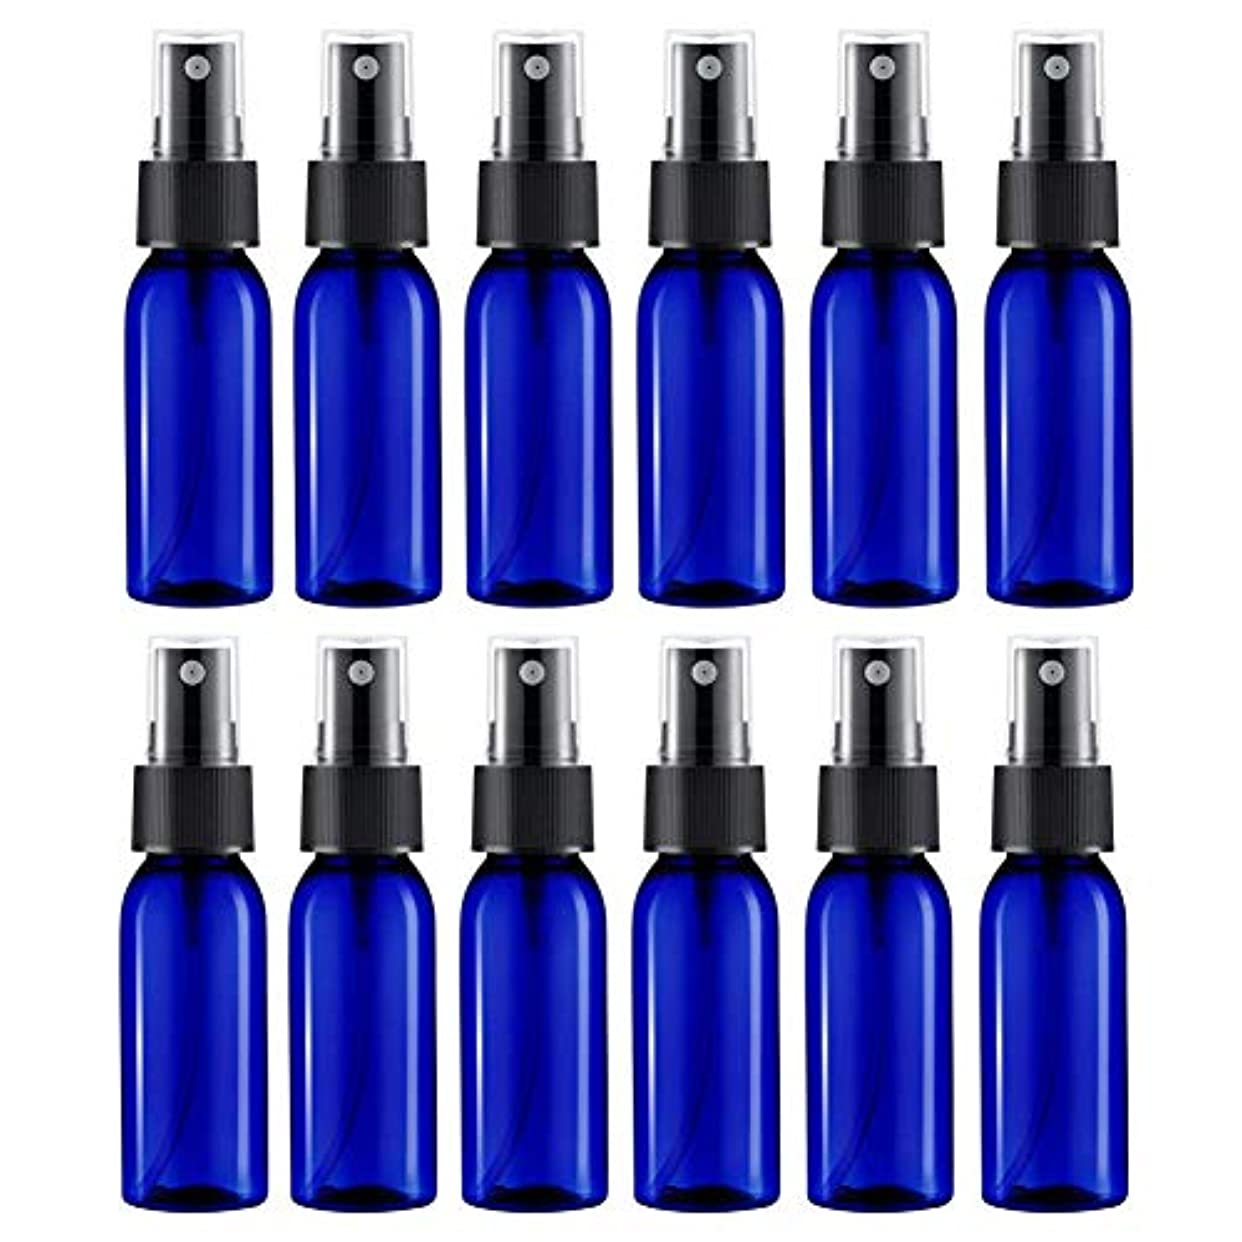 悪化する賞賛する偽スプレーボトル 24本セット 詰替ボトル 遮光 空容器 霧吹き(30ml ブルー)